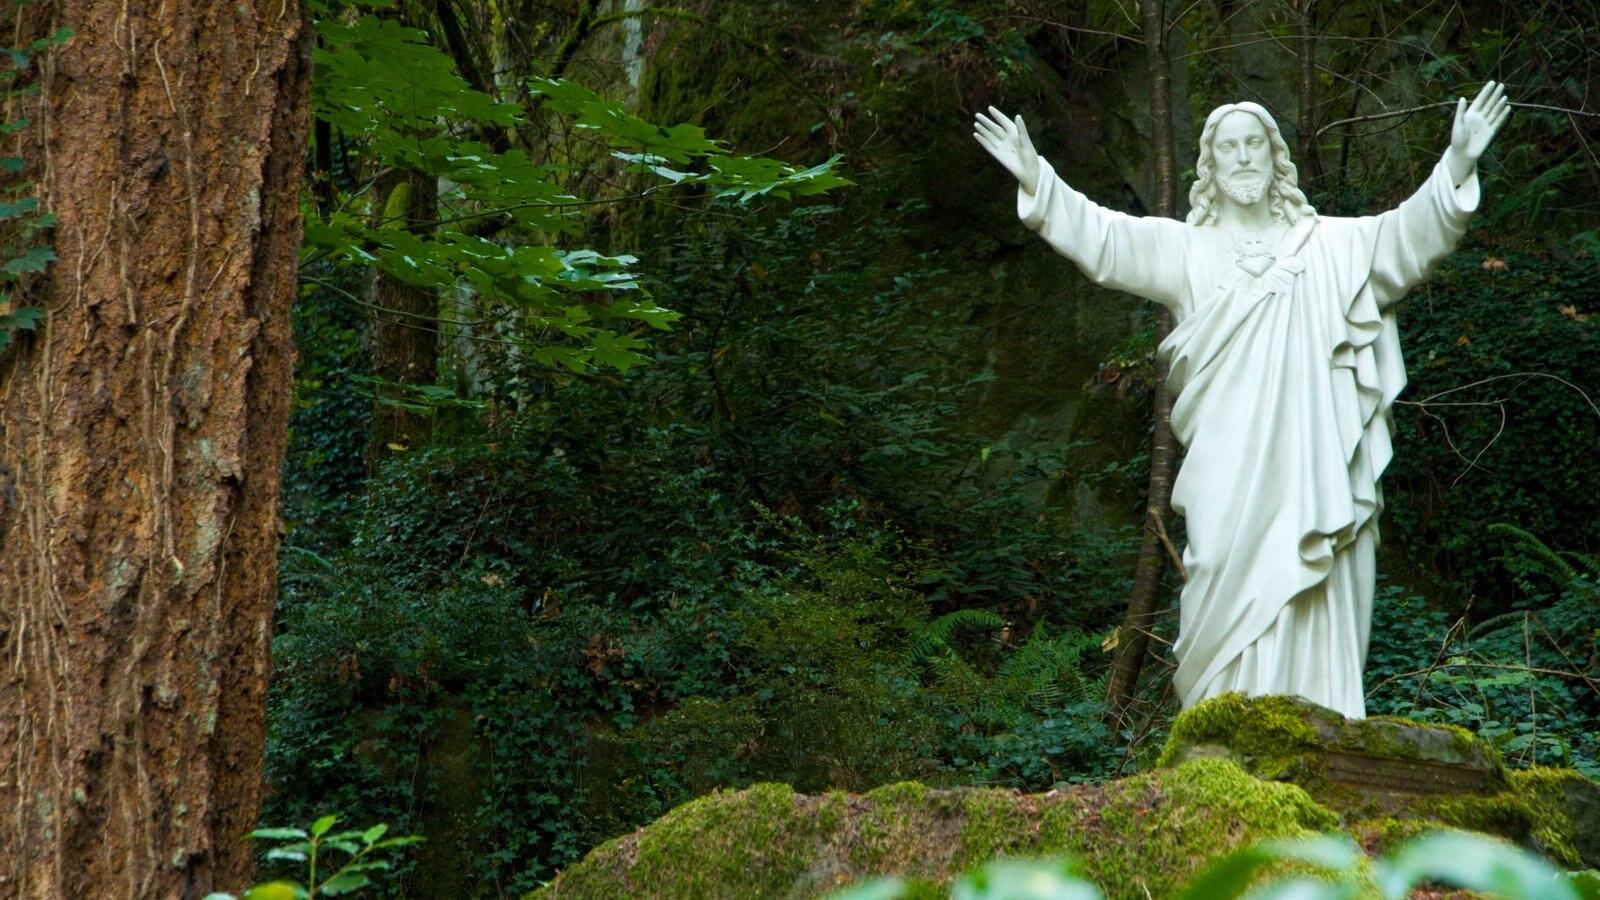 Portland ofreciendo una estatua o escultura, vistas de paisajes y un jardín